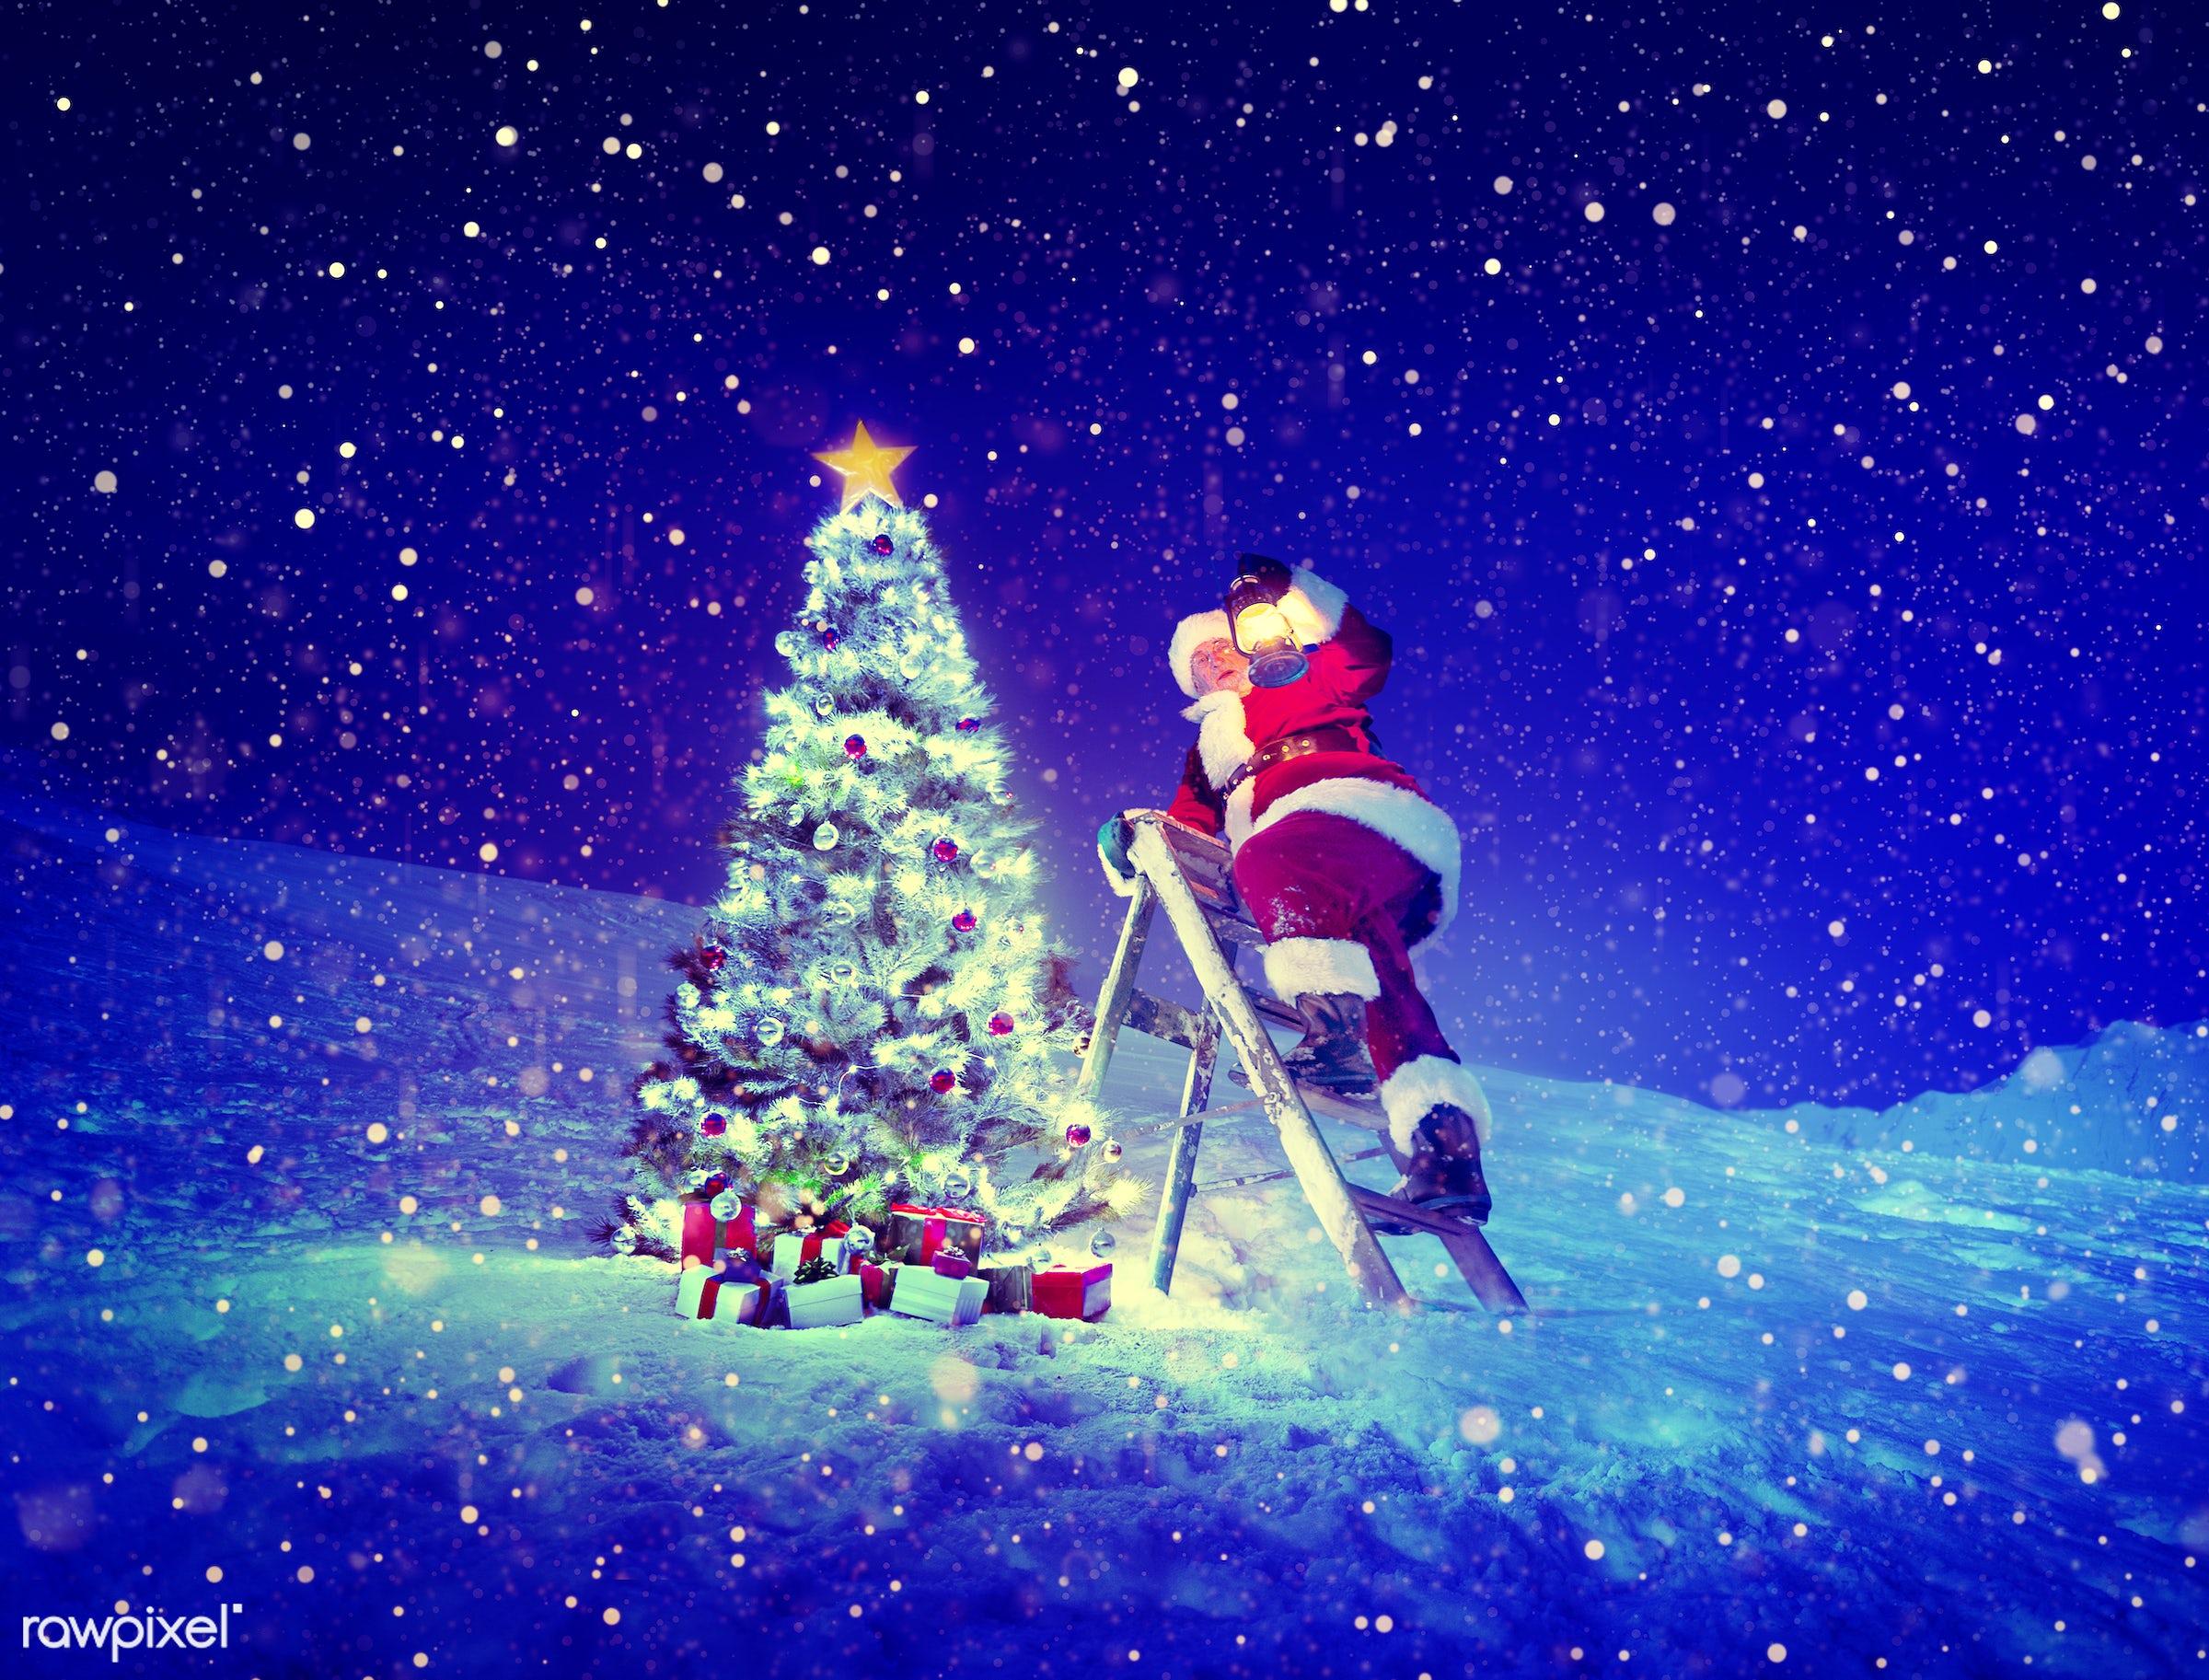 Blue, Cheerful, Christmas, Christmas Balls, Christmas Decoration, Christmas Present, Christmas